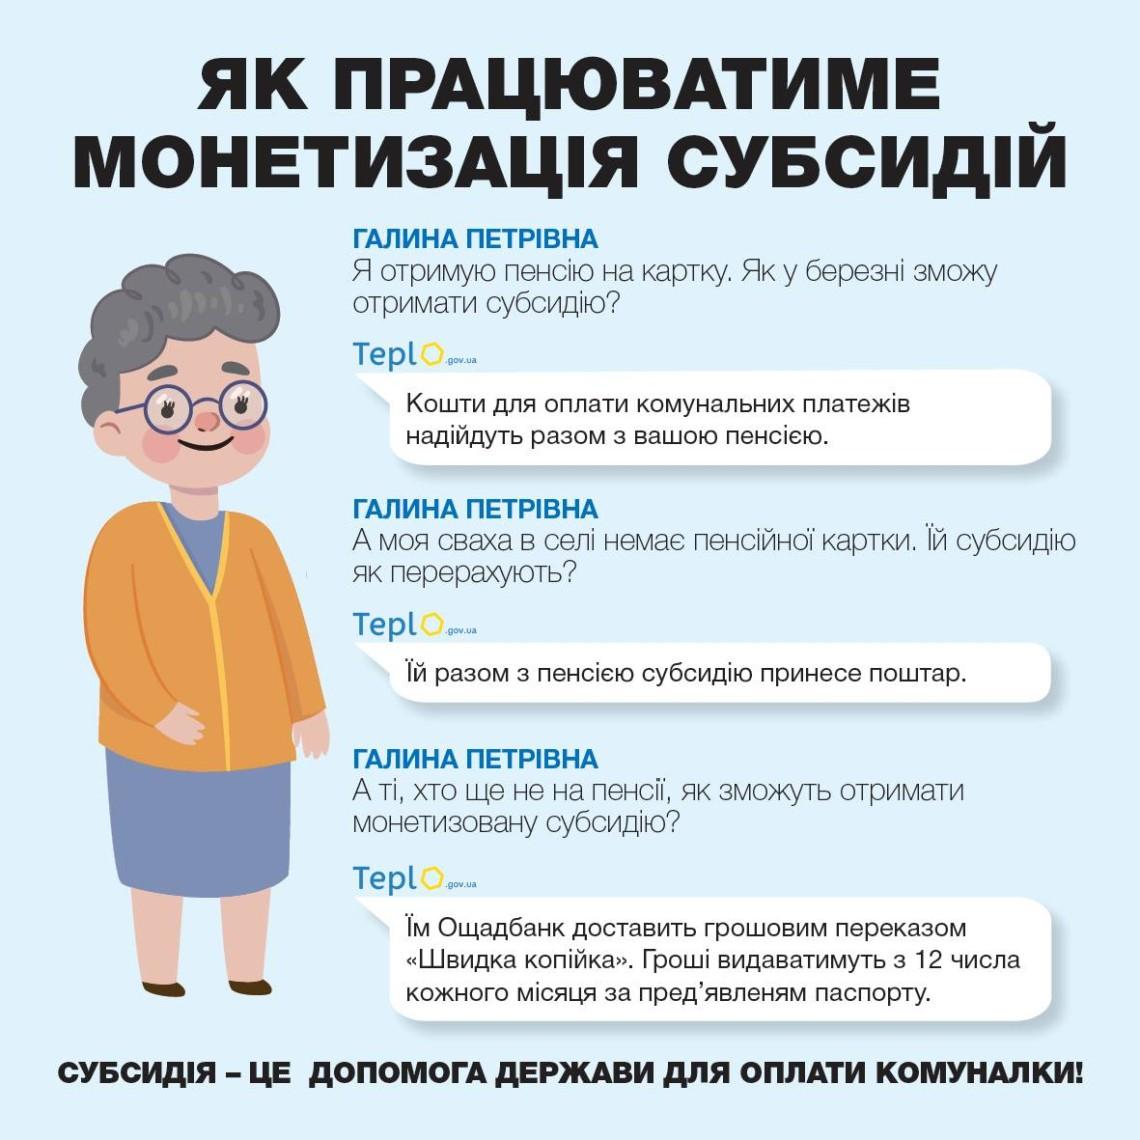 У березні 2019 року пенсіонери отримають субсидію для оплати комунальних платежів за лютий 2019 року разом з пенсією.